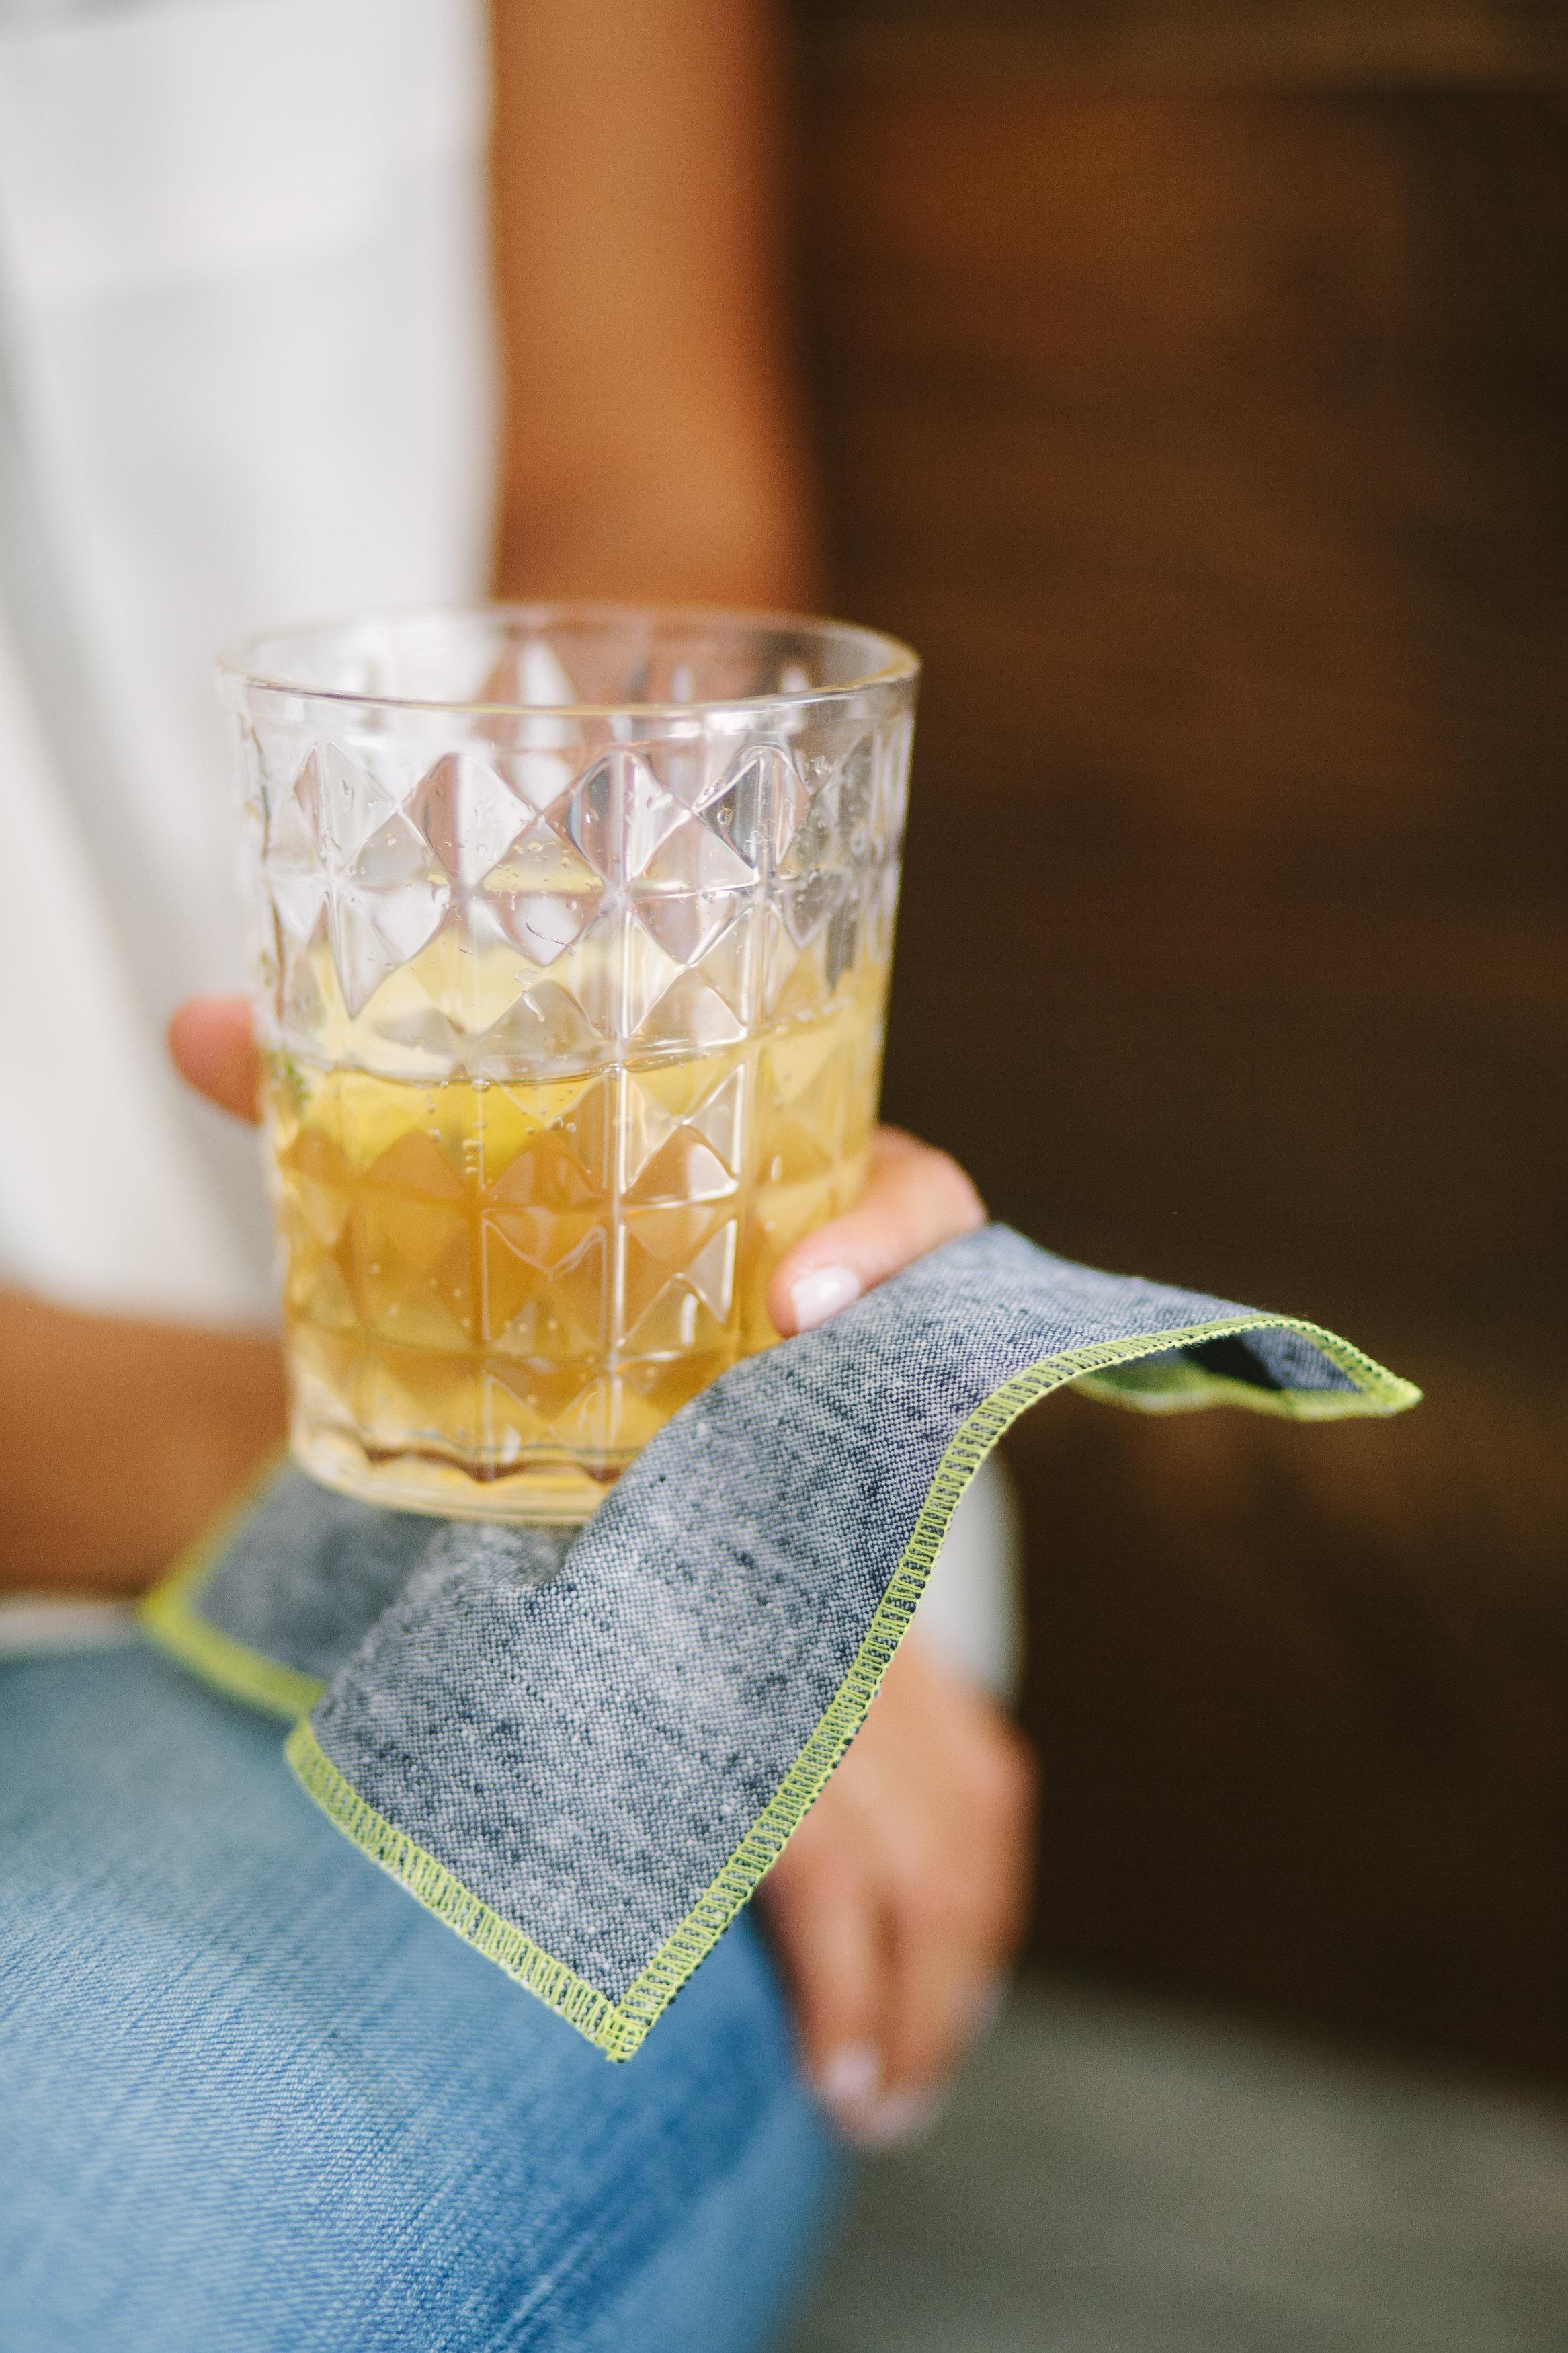 west-elm-the-everyday-napkin-lara-woolfson-cocktail-napkin